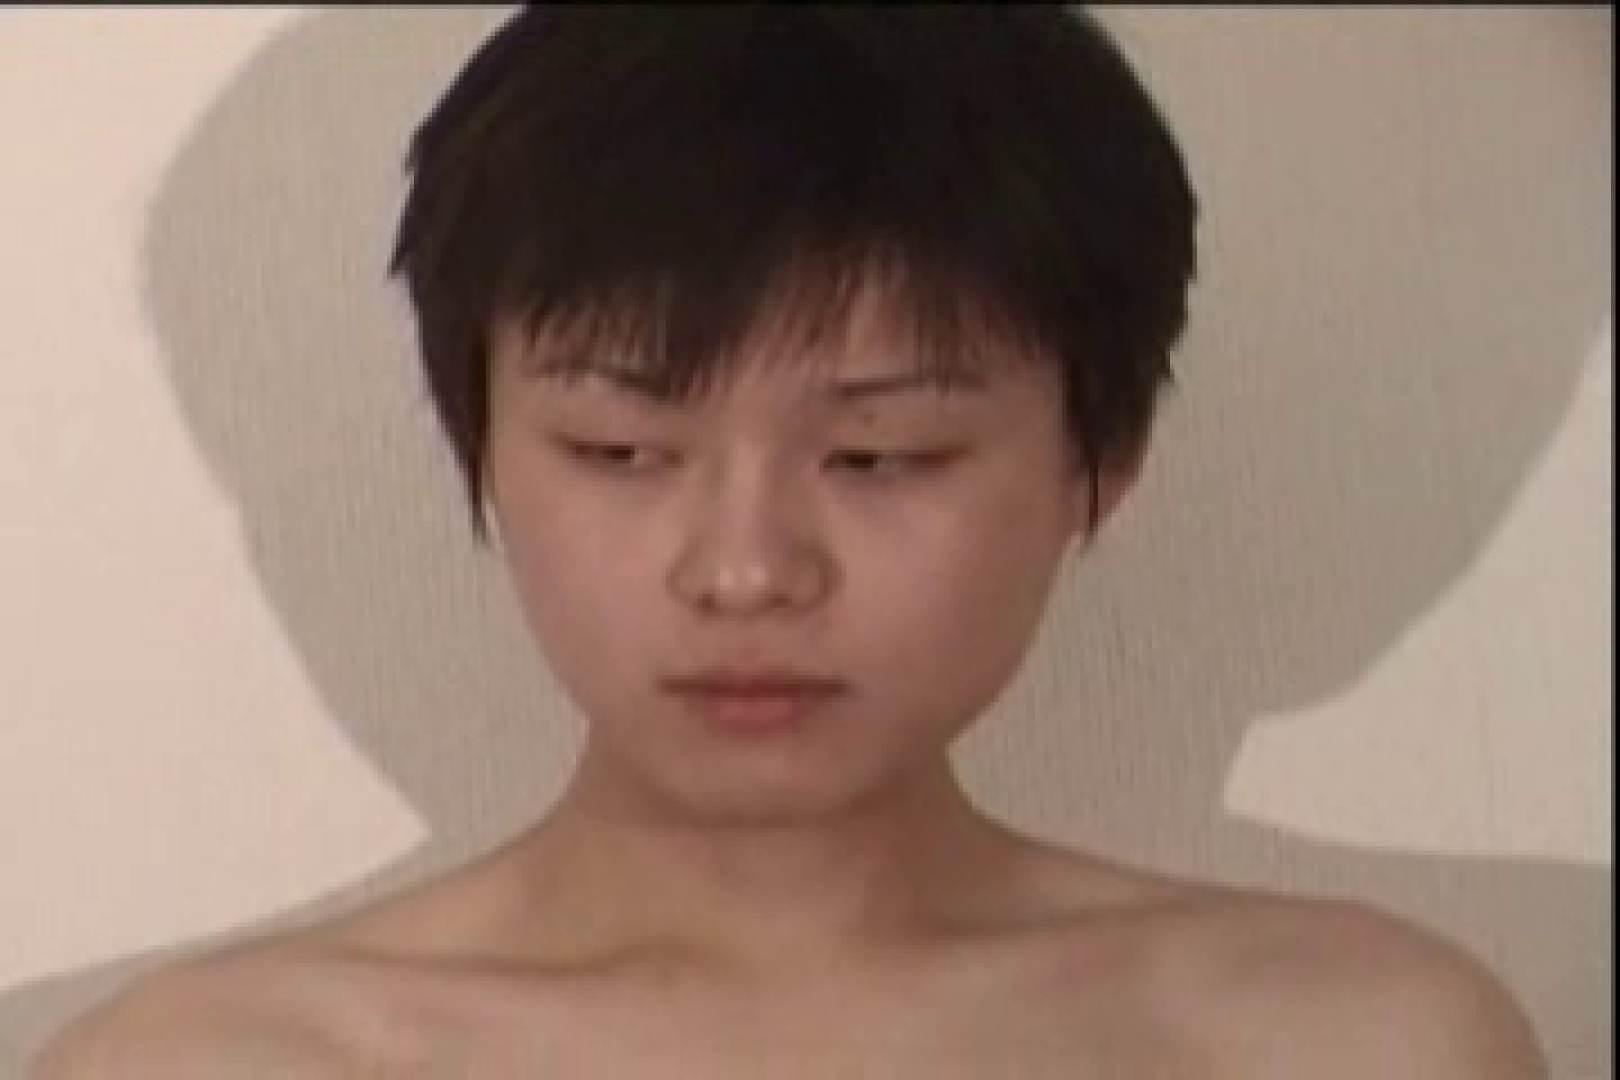 ヤリまくり!!包茎が何だって言うんだ!!vol.01 ディープキス ゲイフリーエロ画像 91枚 62